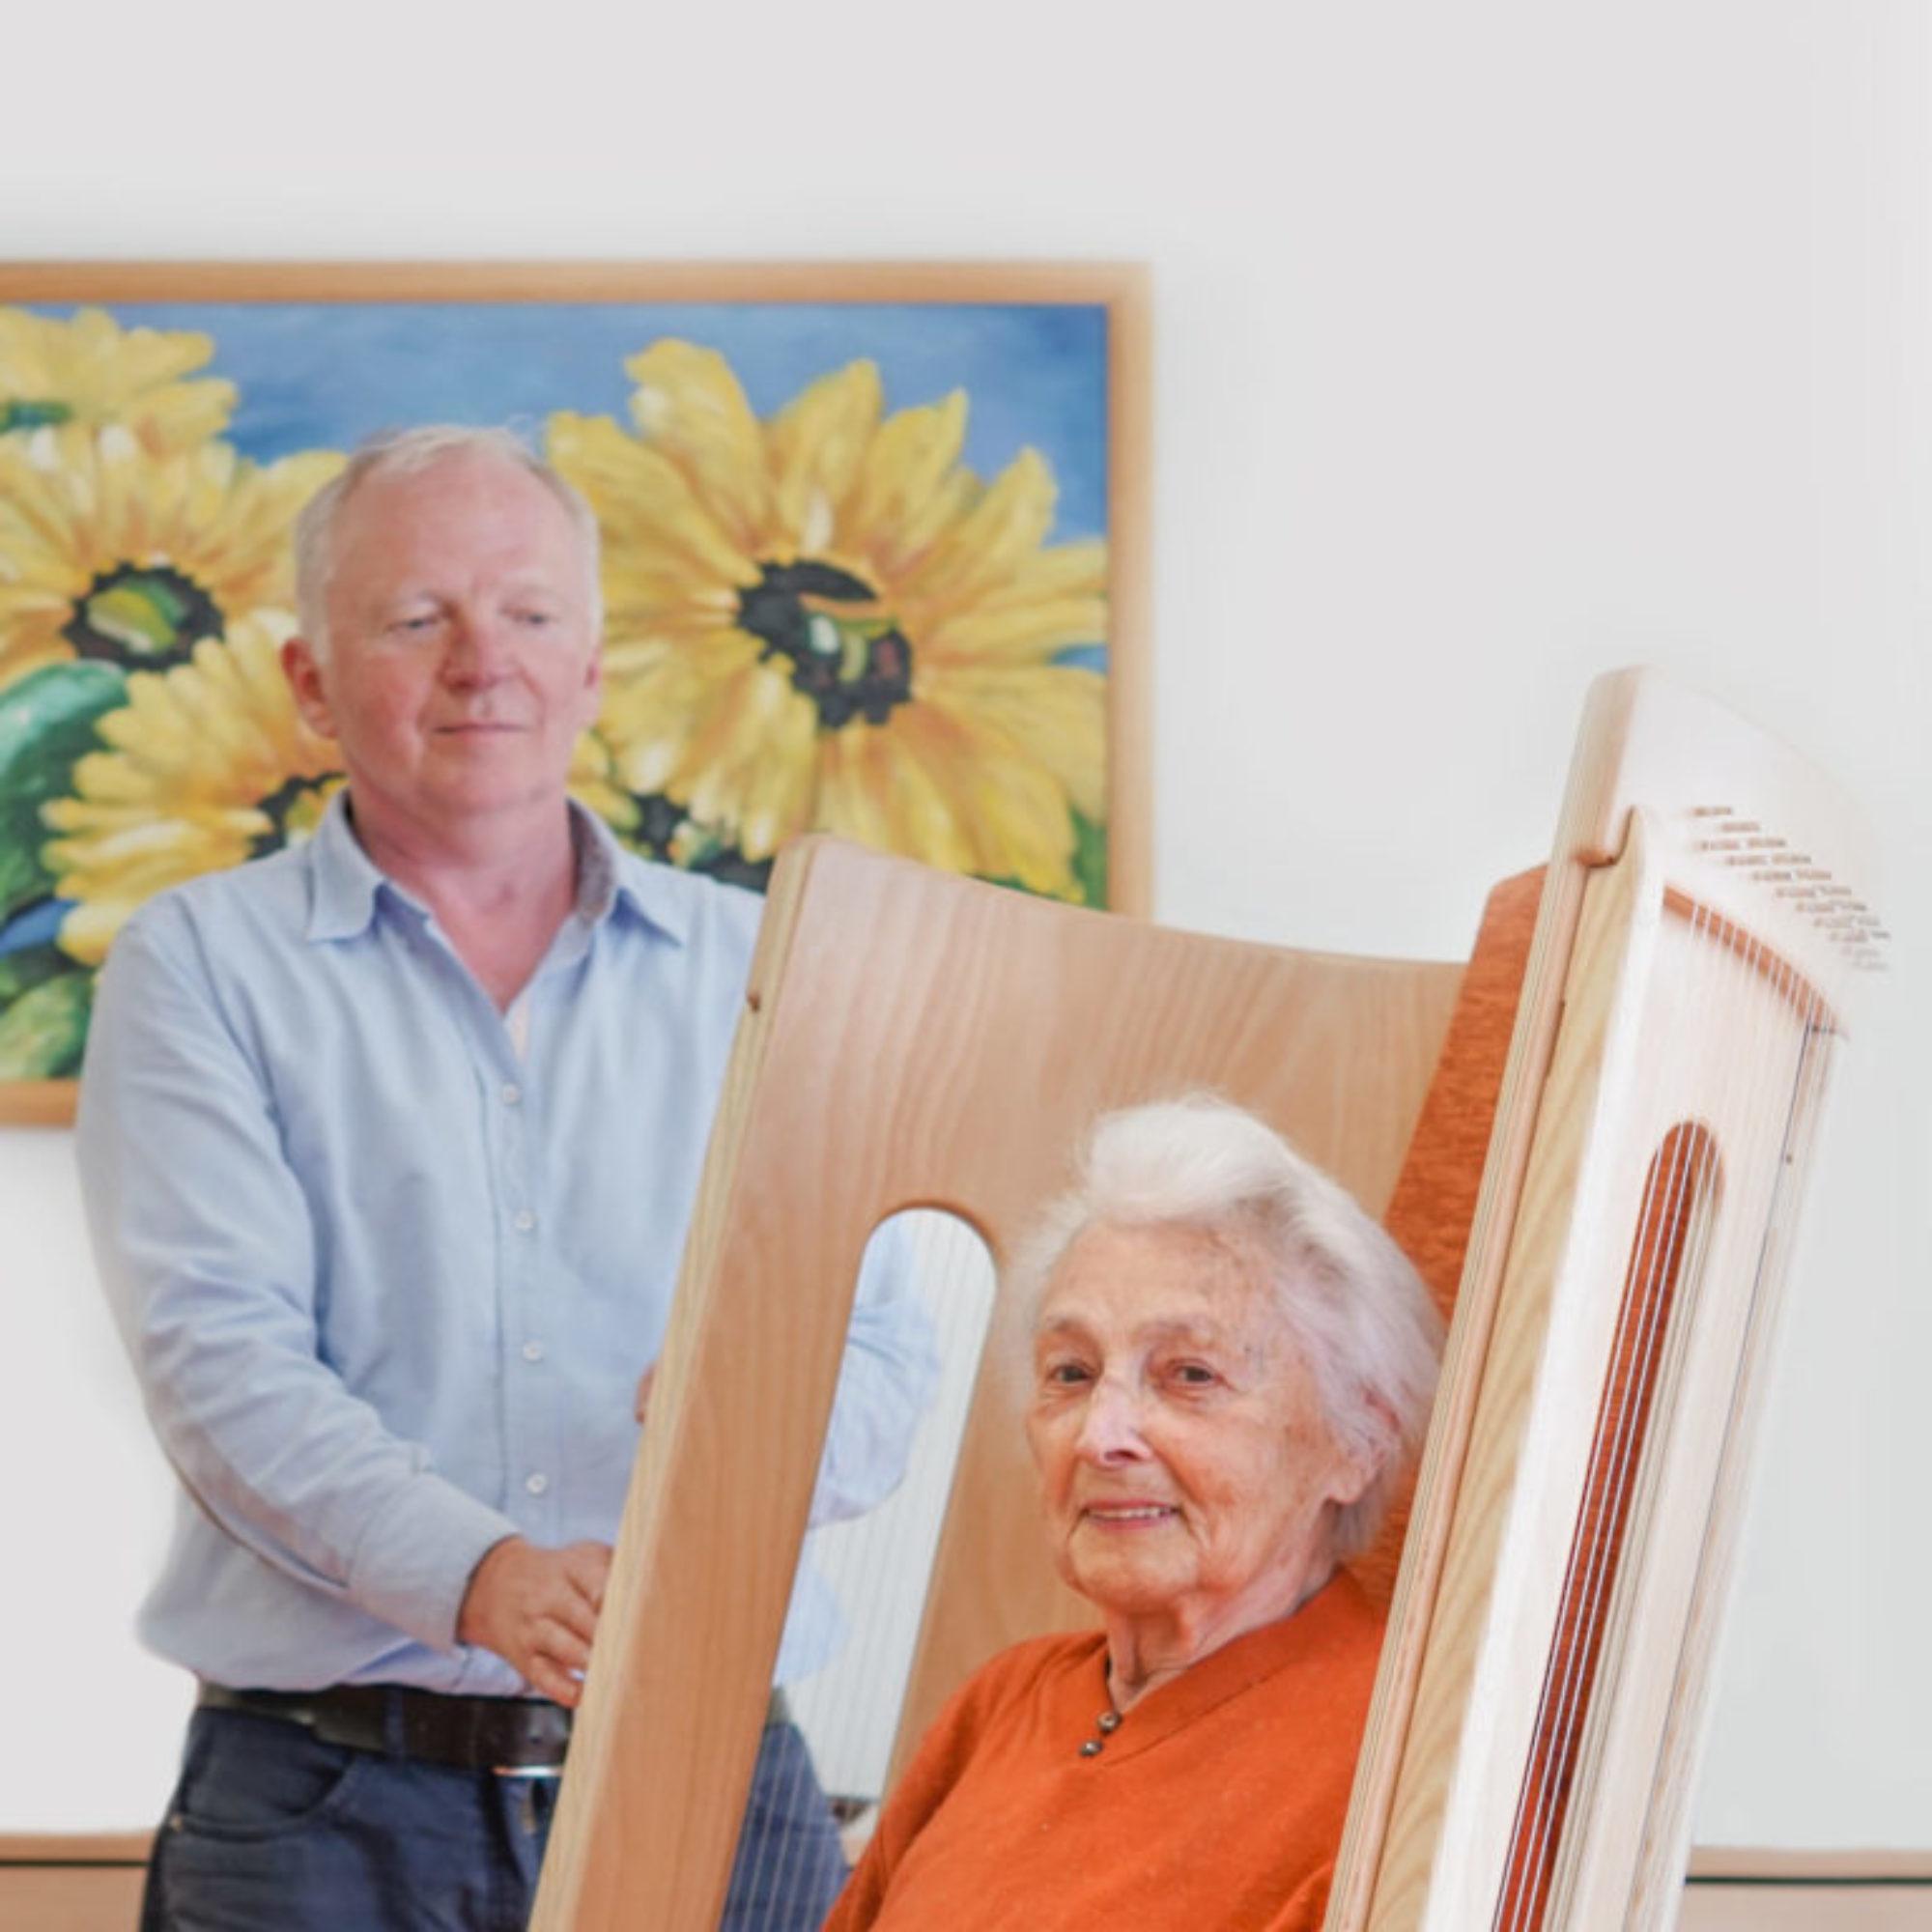 klangschaukelstuhl-allton-wir-sind-altenpflege